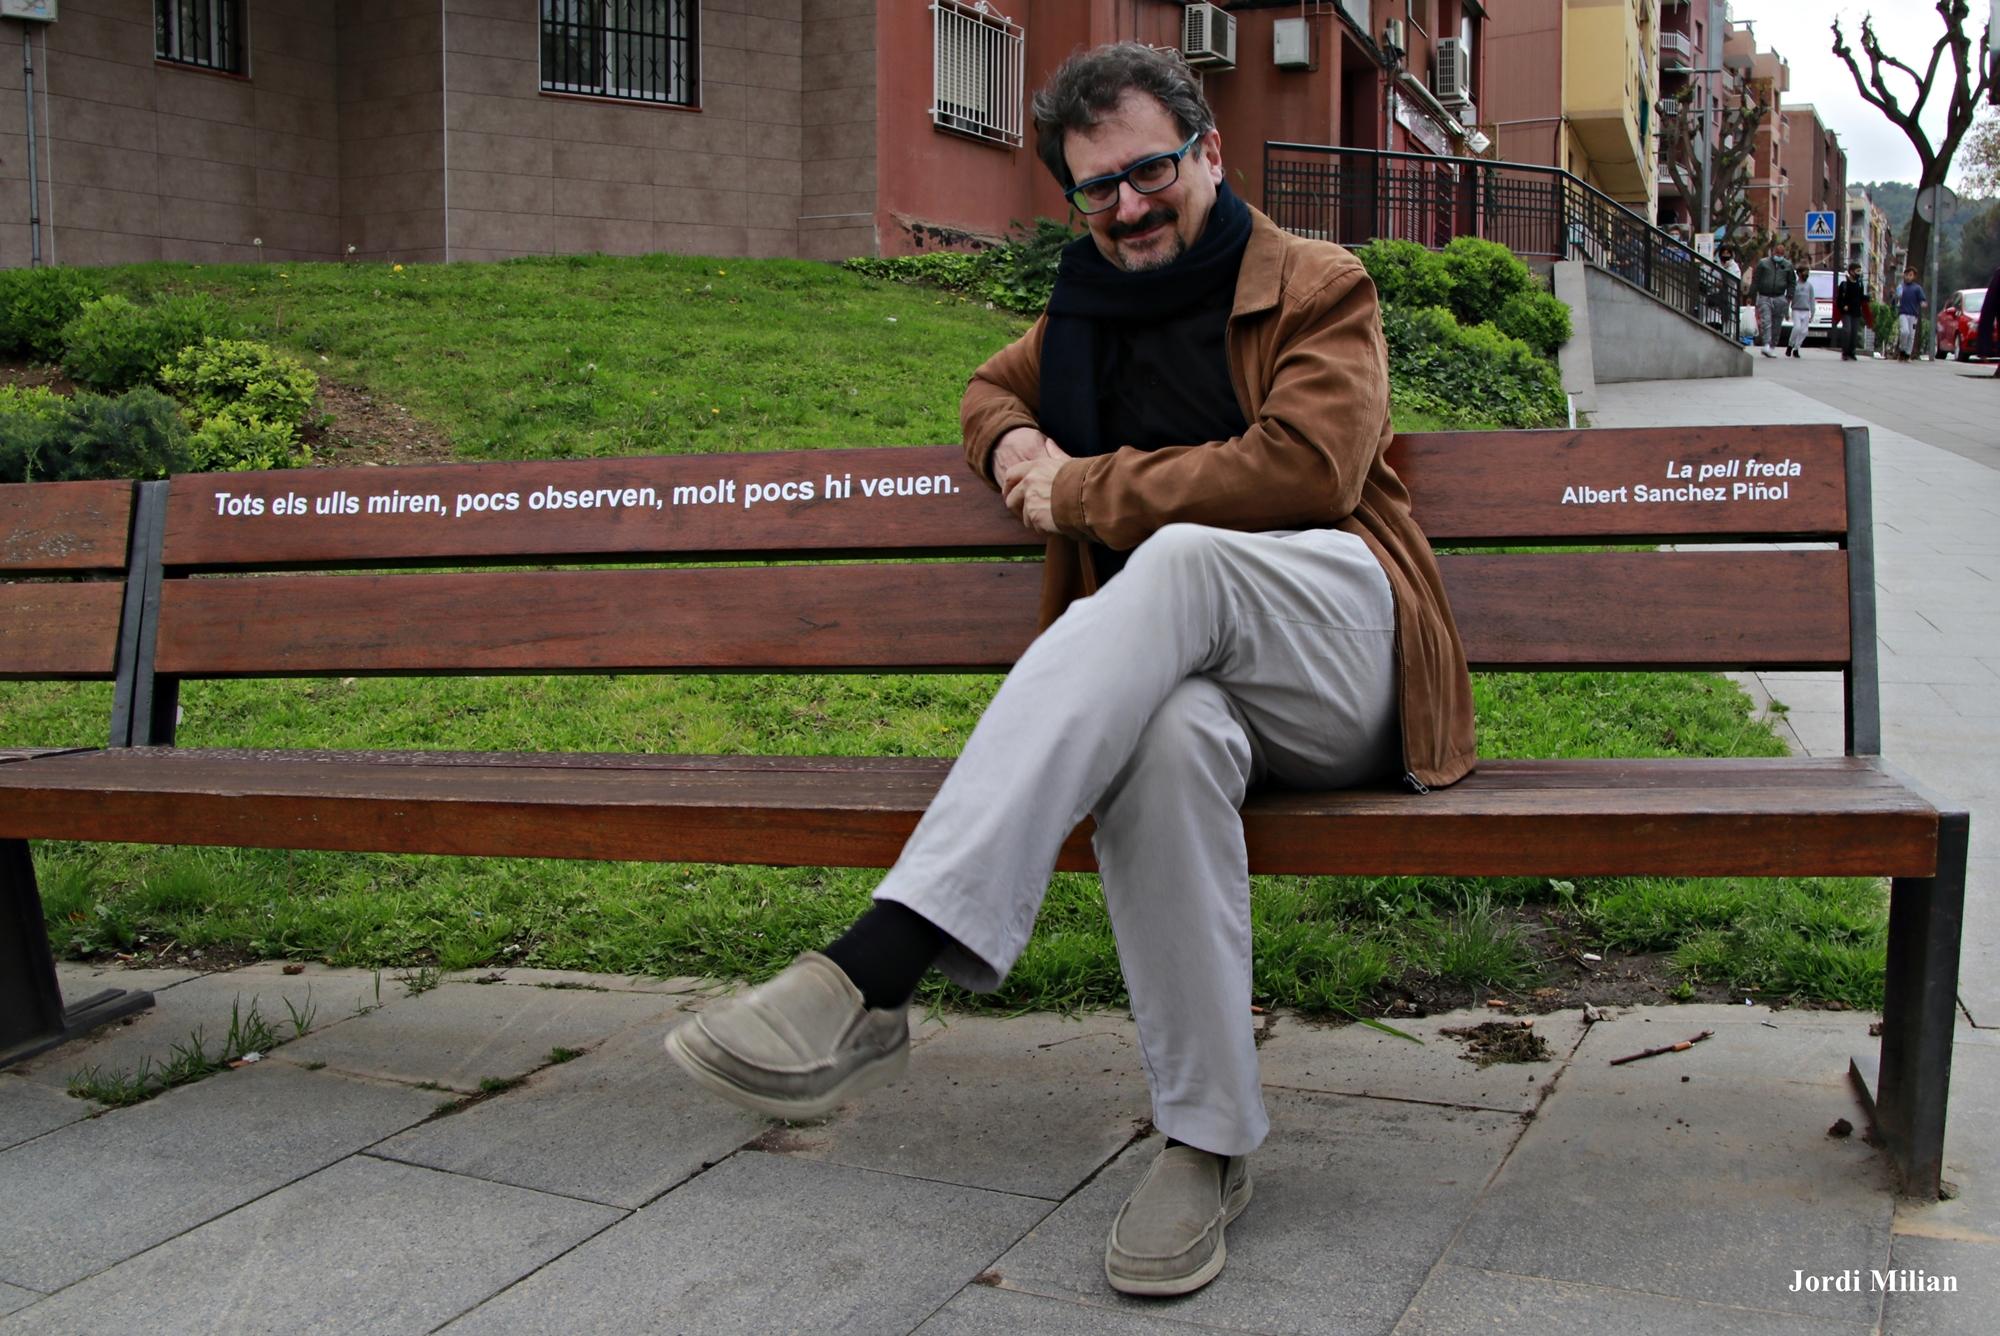 Albert Sánchez Piñol banc Sant Andreu Barca  signat r